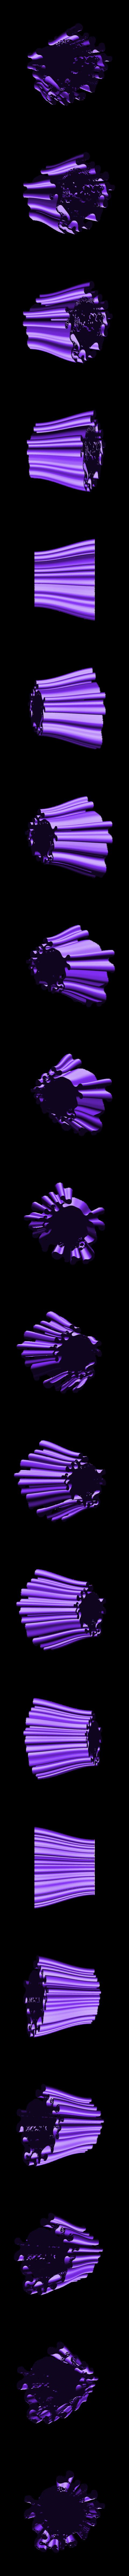 penholder-3.stl Download free STL file Wavy Penholders Collection (15 files) • 3D print design, ferjerez3d